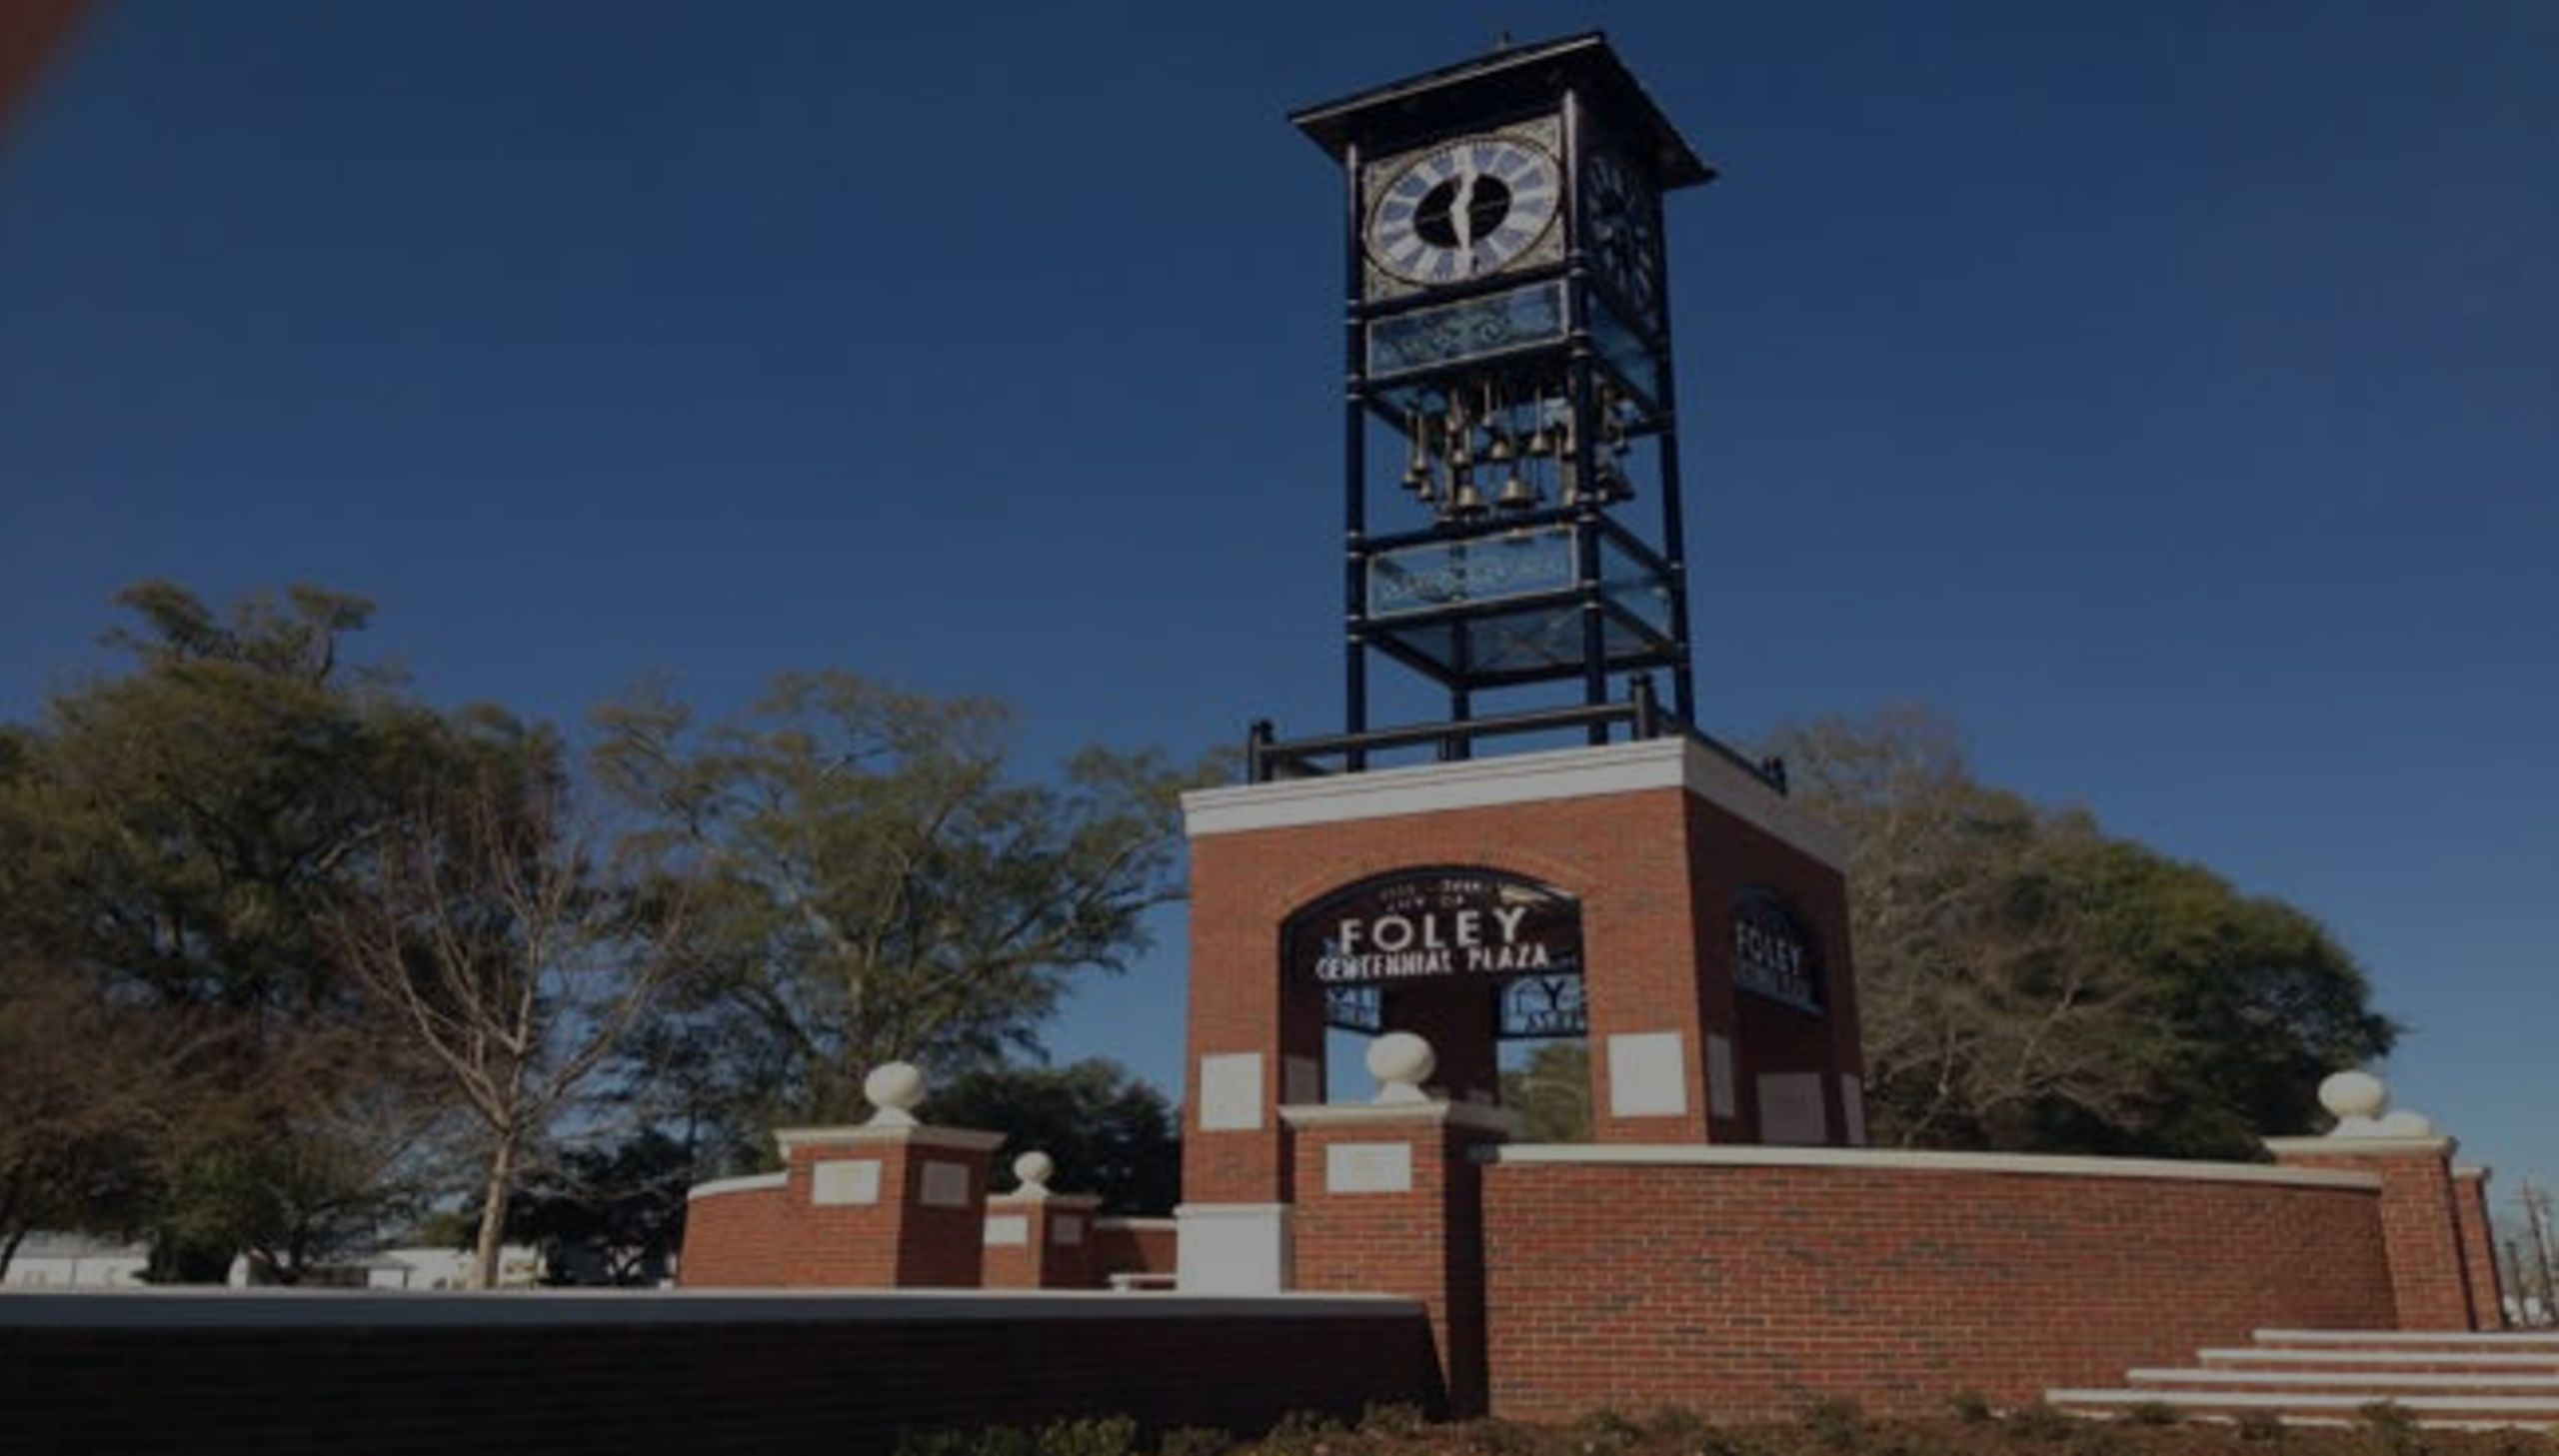 The Best Neighborhoods in Foley AL